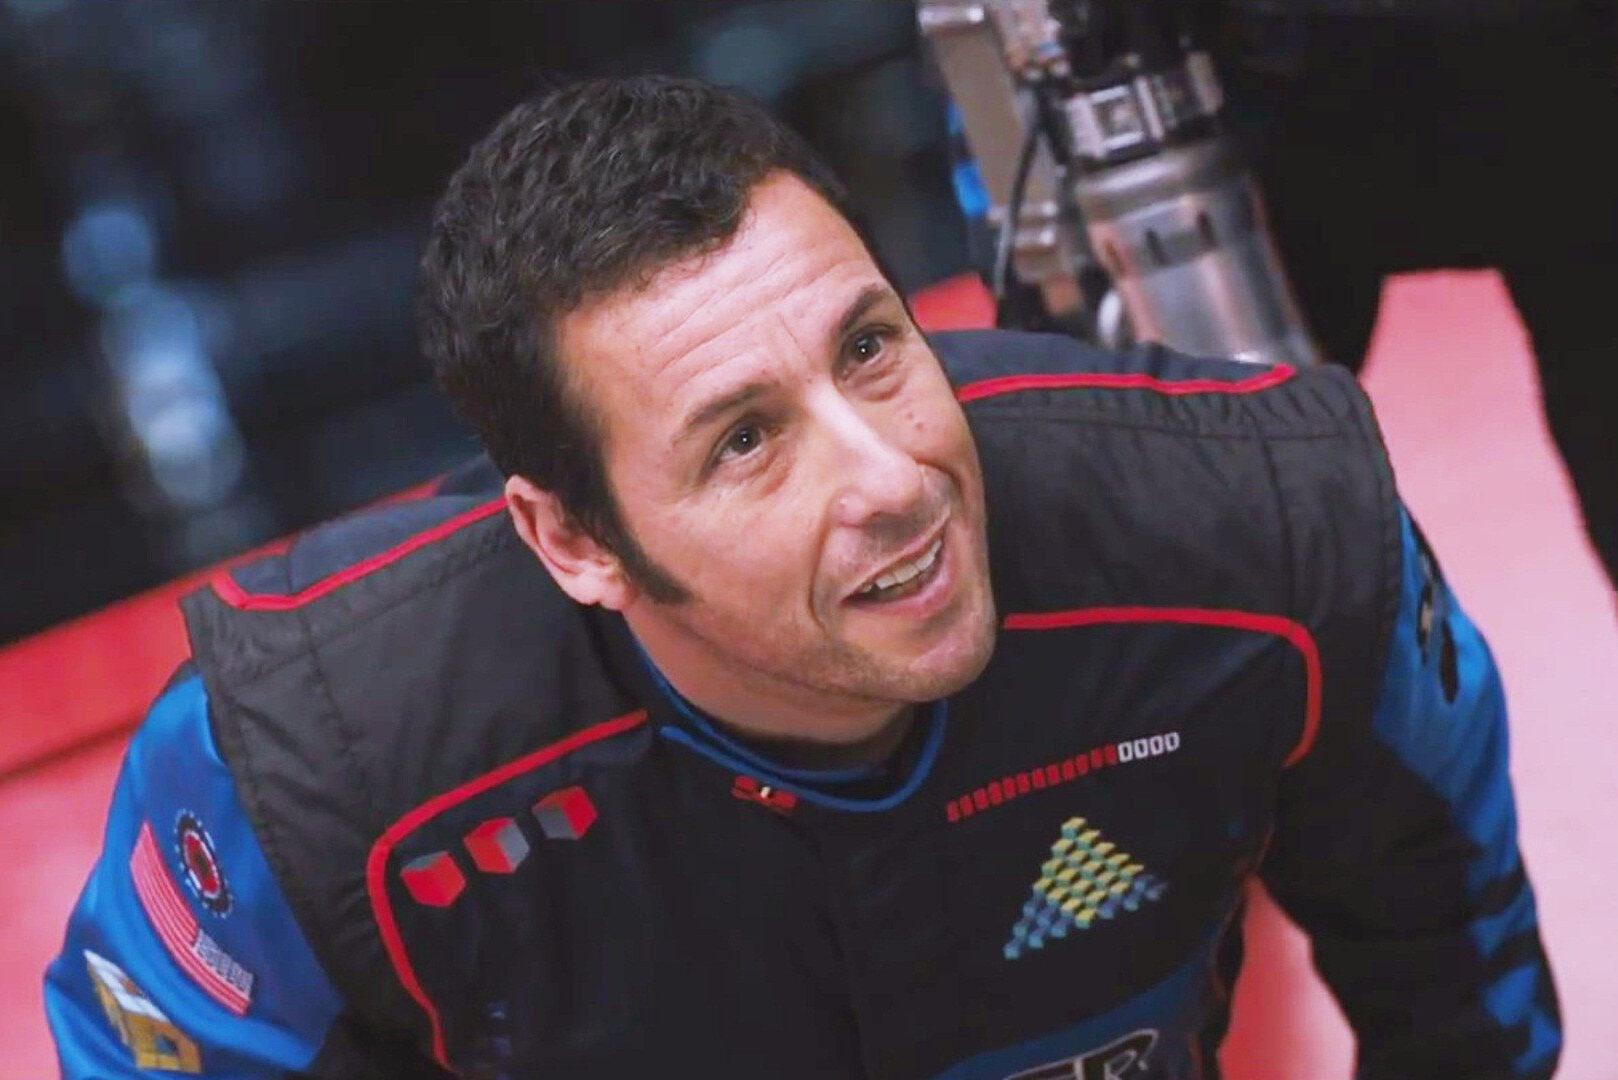 Adam Sandler Spaceman of Bohemia